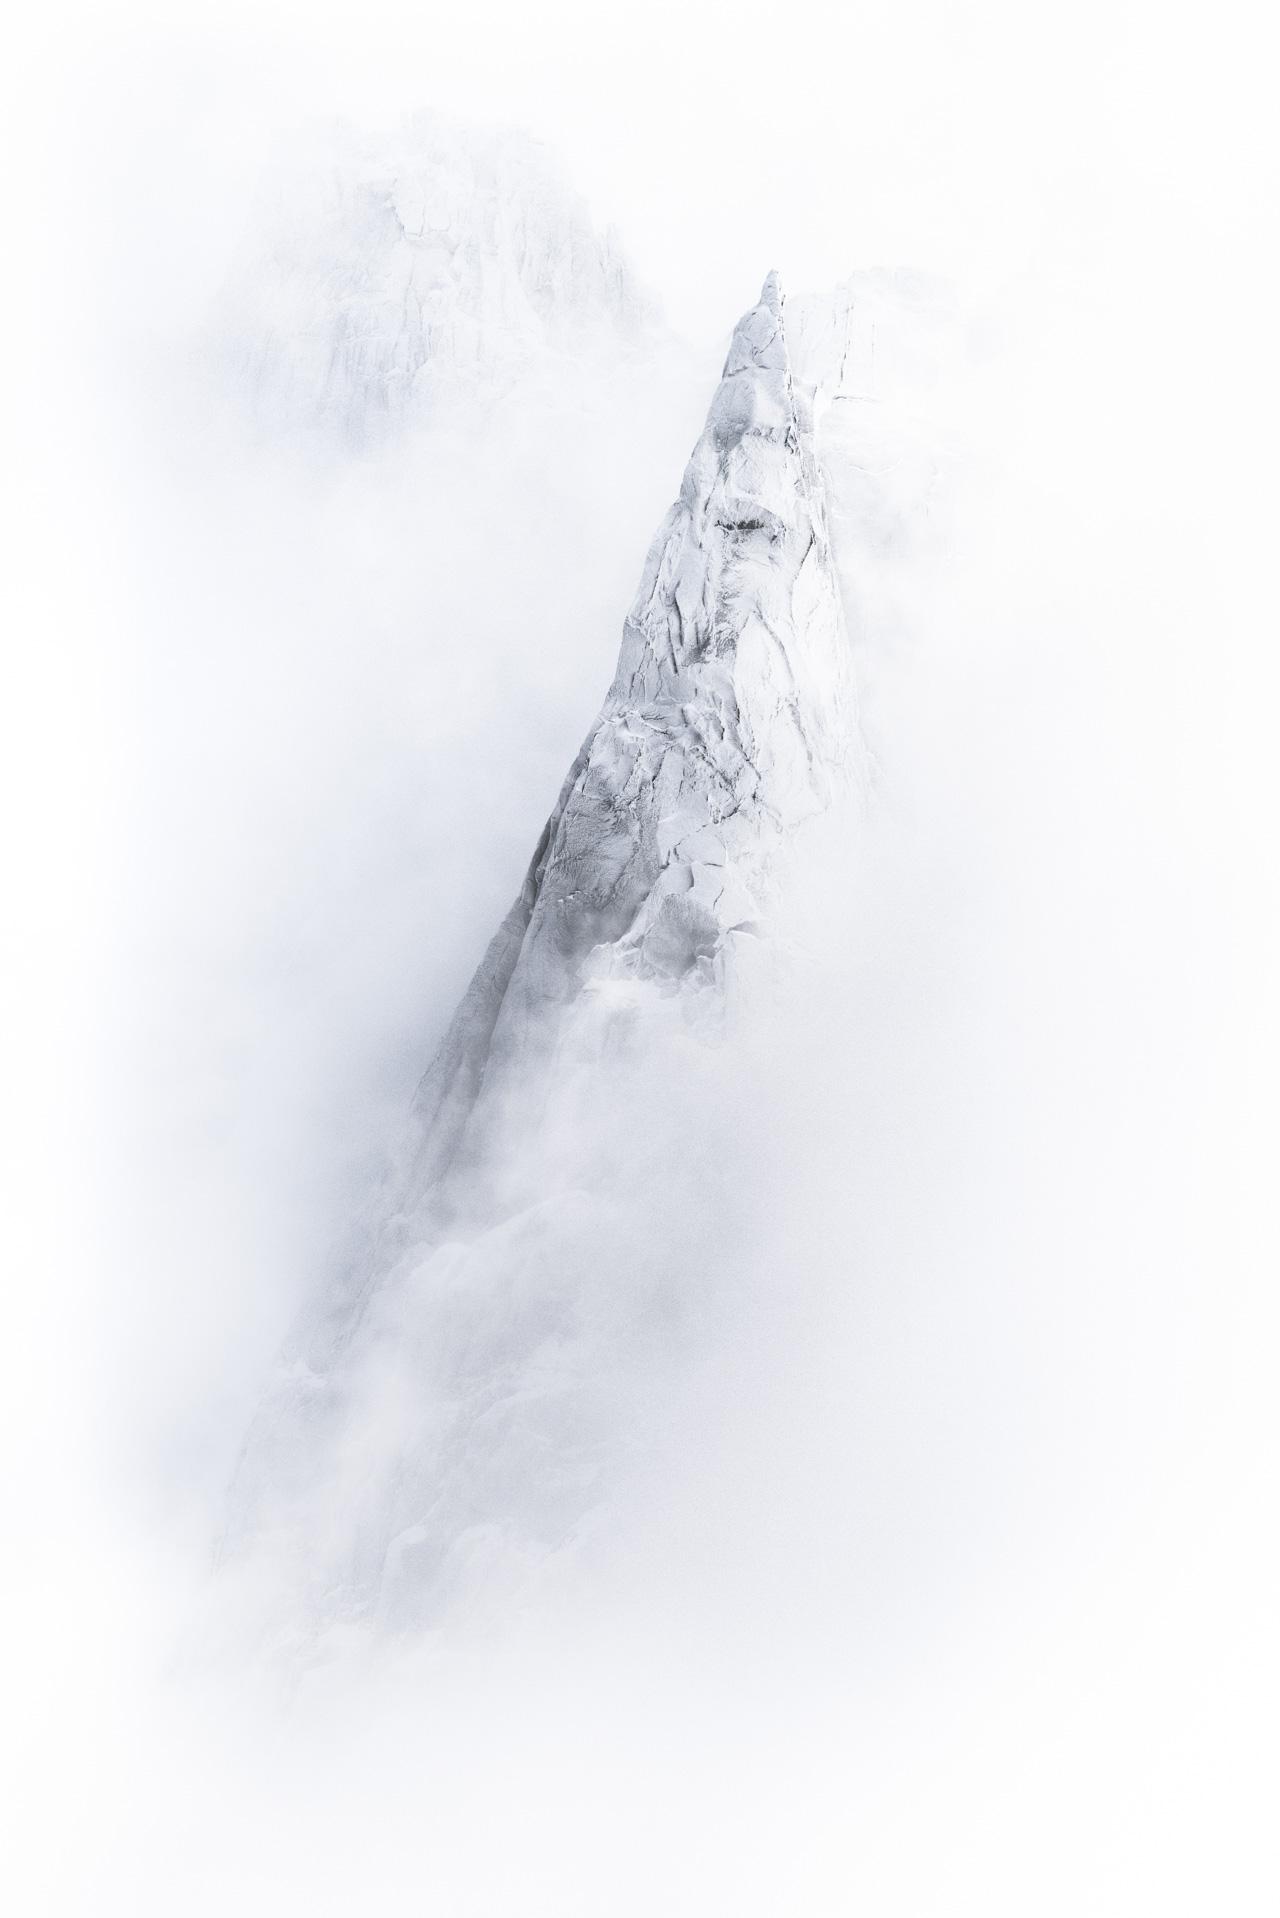 Les Aiguilles du midi Chamonix en noir et blanc - Mont Blanc - Aiguille deux Aigles - Dent du Crocodile